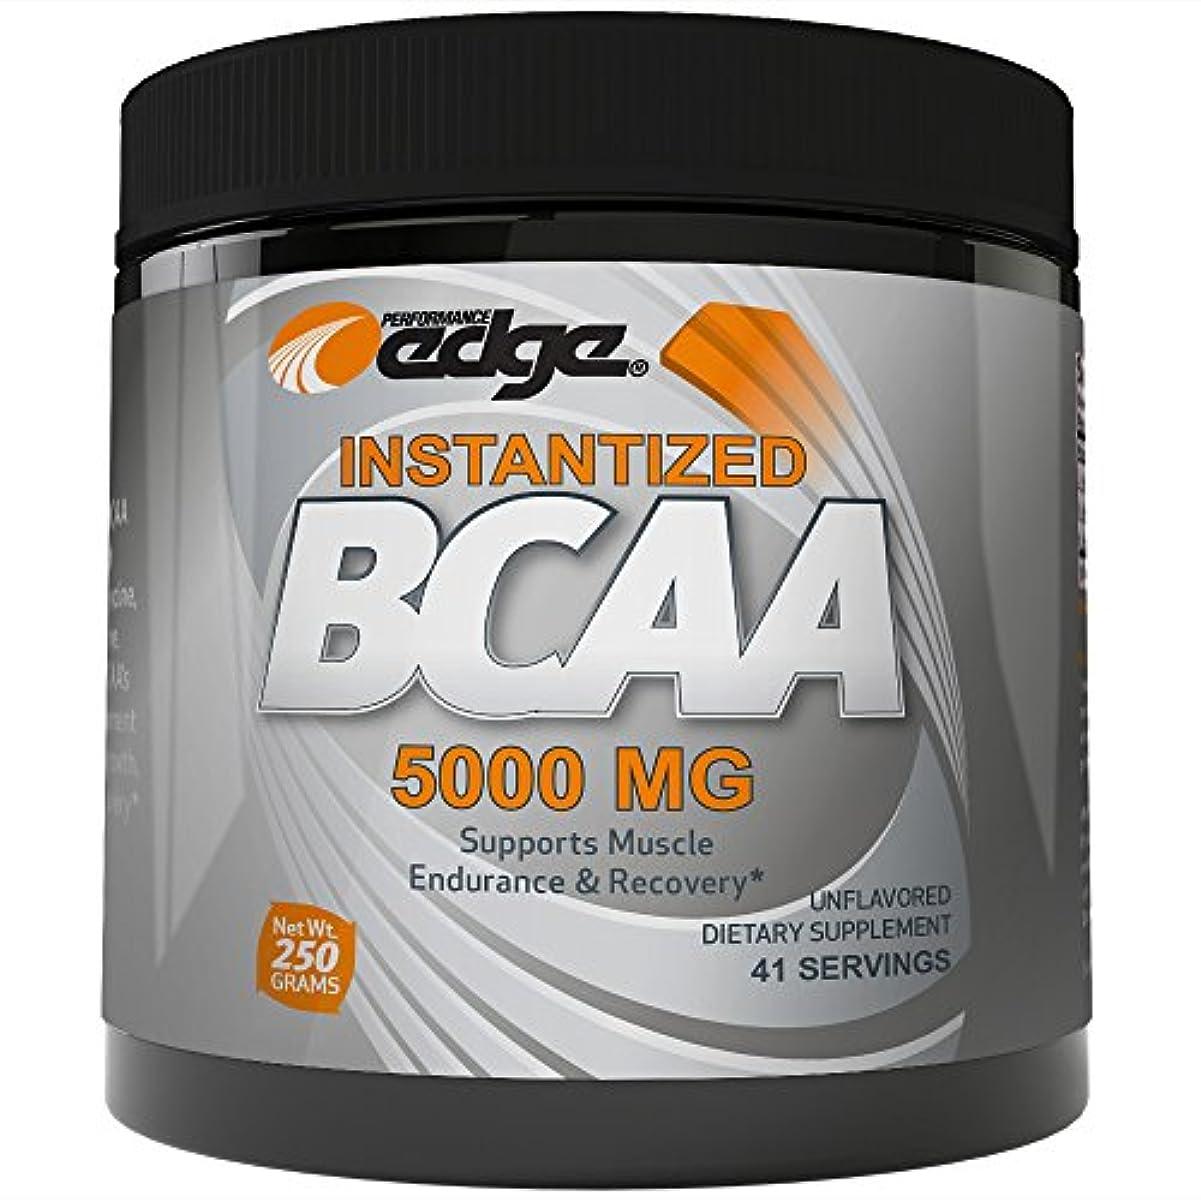 九月うねるスキッパーPerformance Edge Bcaaパウダー 5000 Mgインスタンス化分岐鎖アミノ酸 250グラム